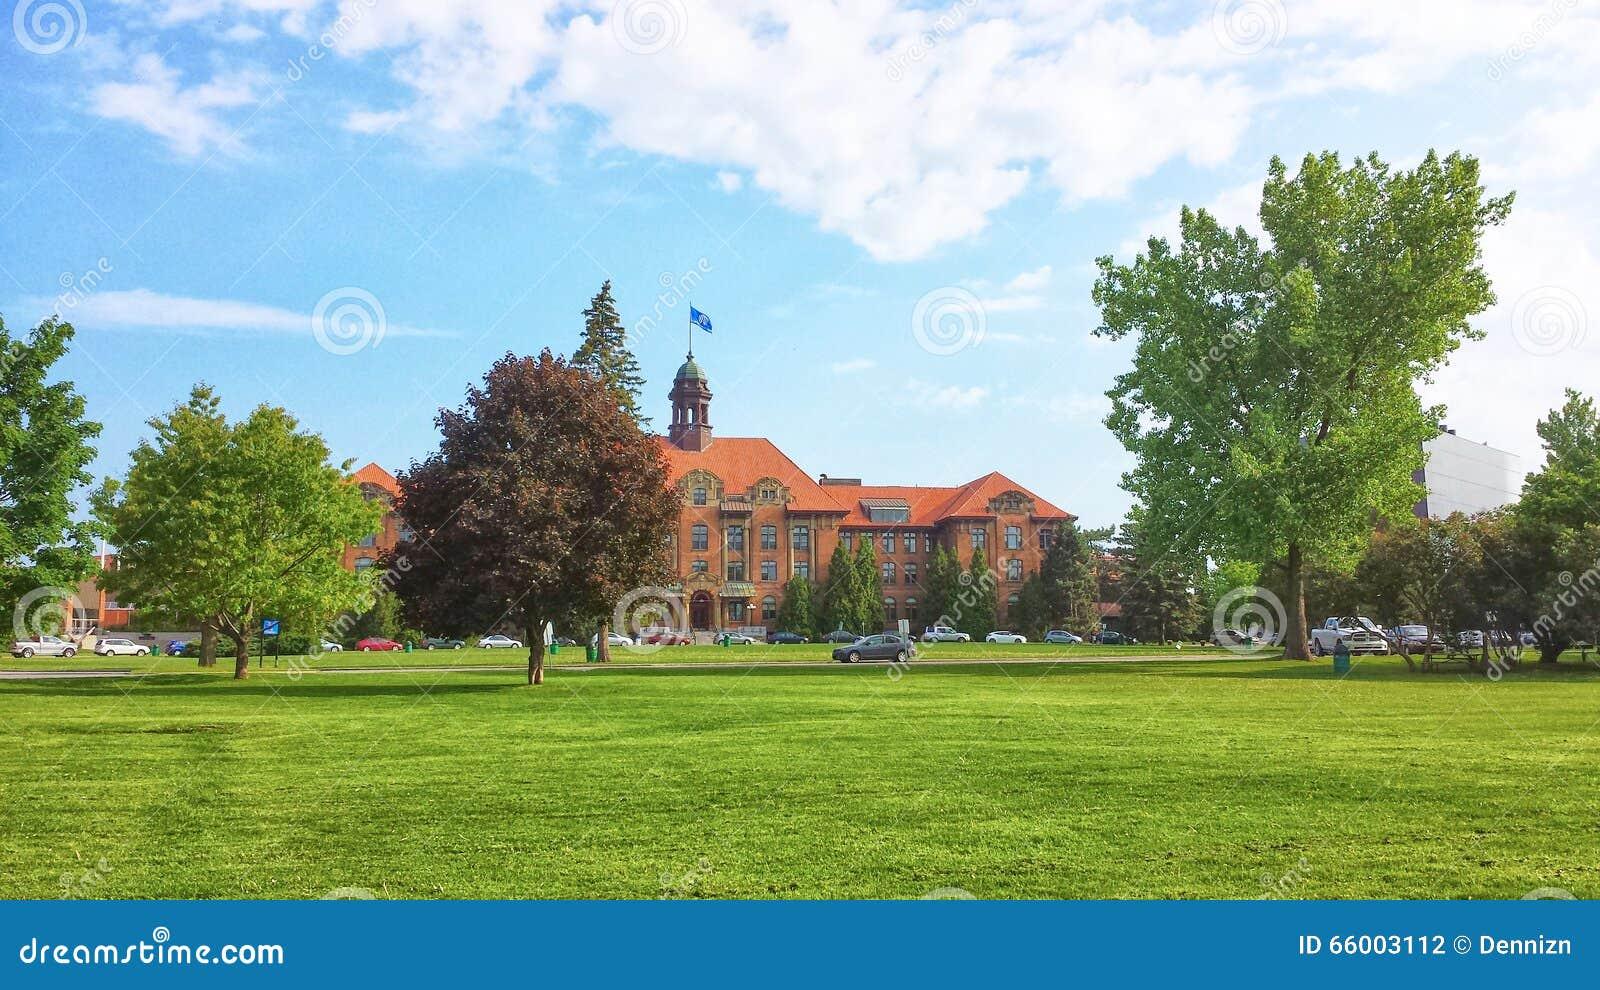 Download John Abbott College Stock Photo Image Of Outdoor School